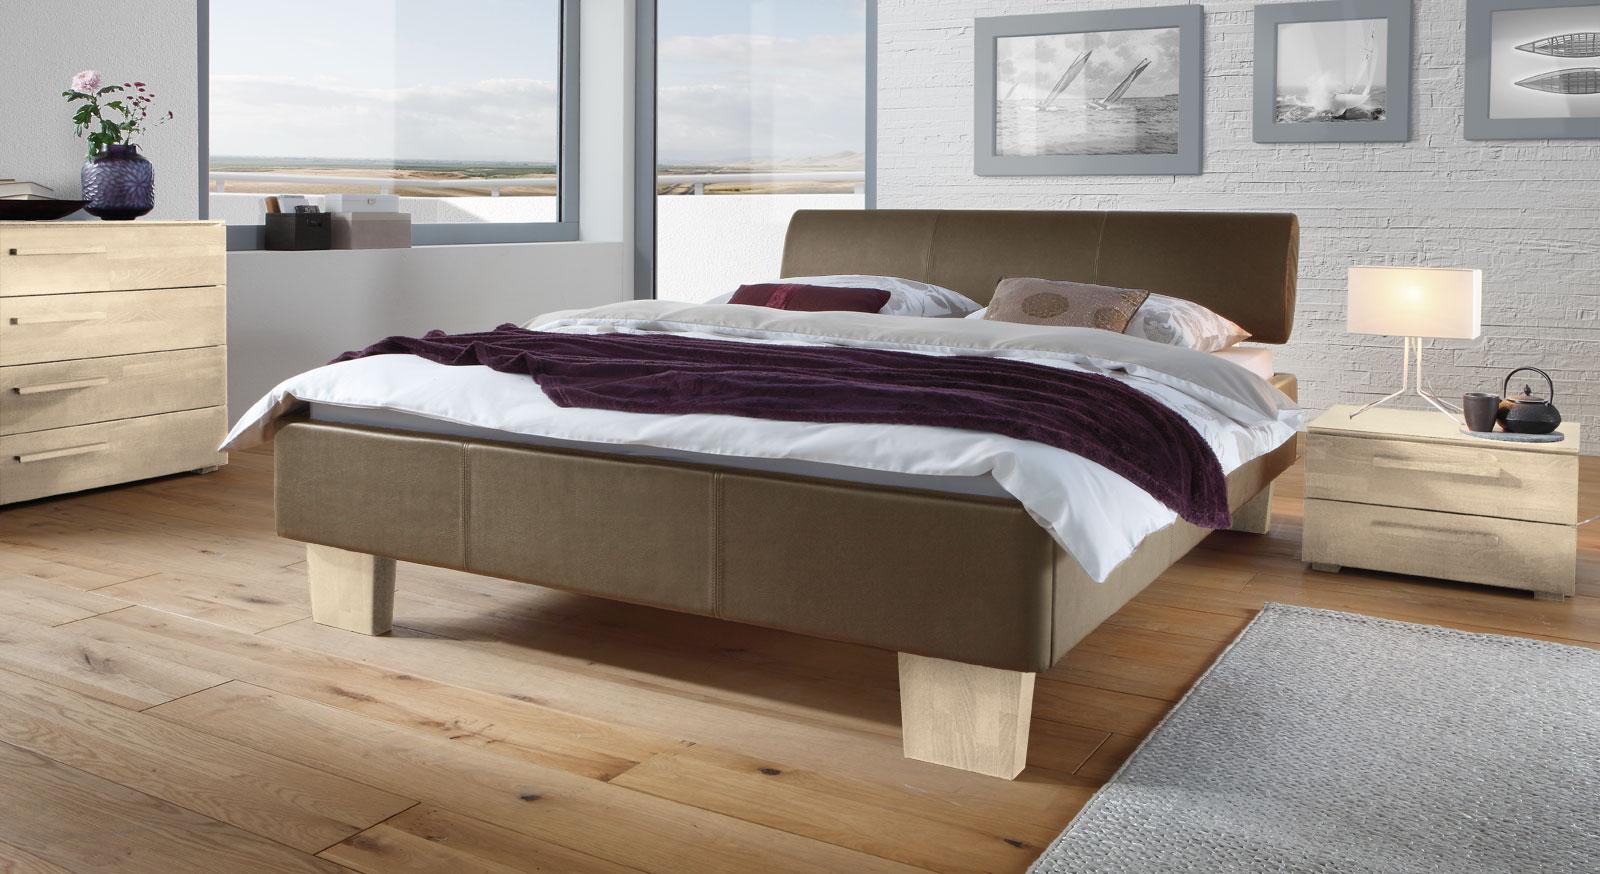 Schlafzimmer wandfarbe ideen: originelle schlafzimmergestaltung ...